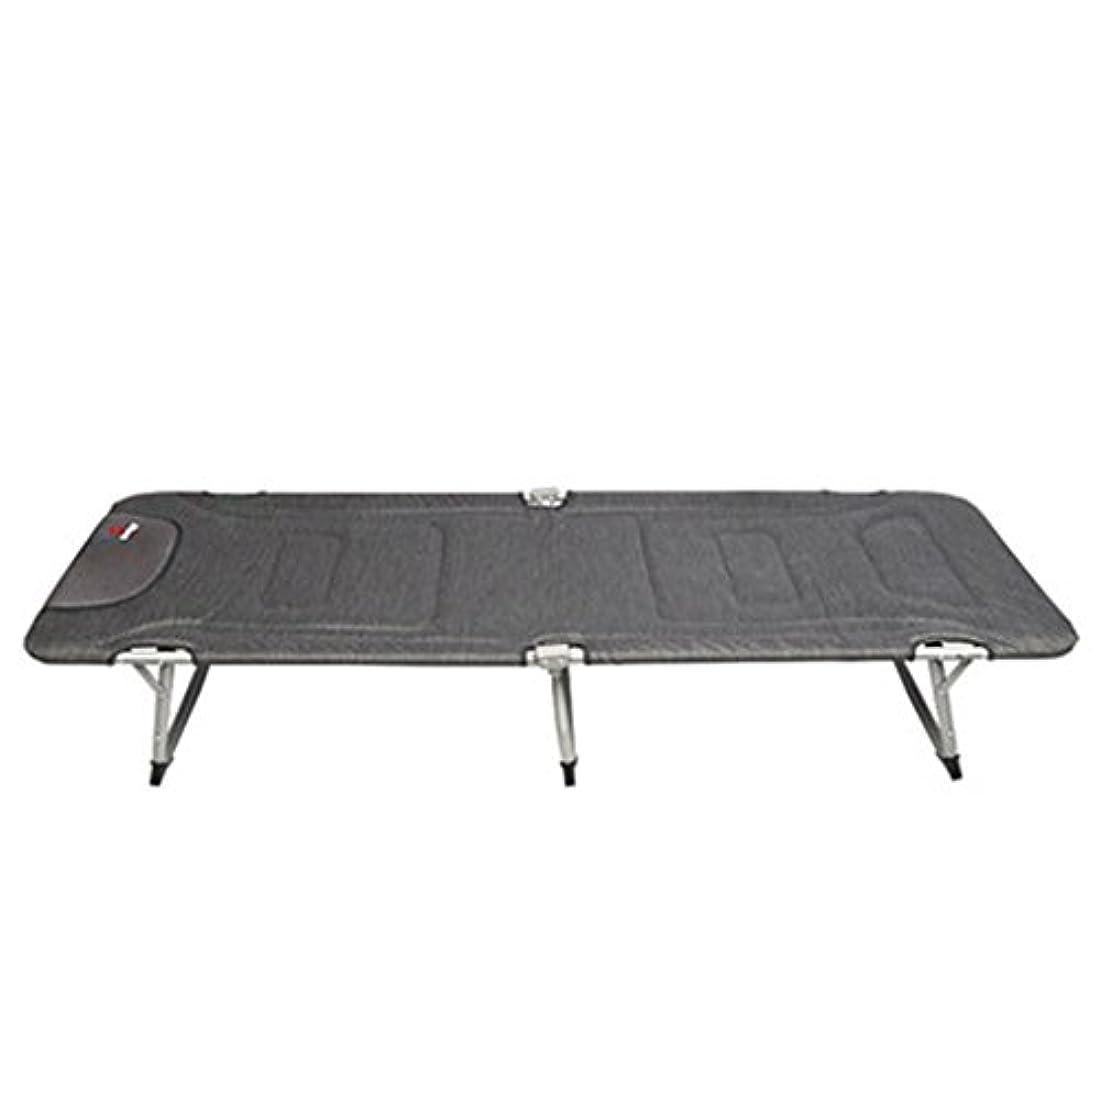 アーネストシャクルトン愛国的な耐久折りたたみ式ベッド 折りたたみベッドグレーベッドシングルベッドオフィス夏のナップベッド便利な椅子キャンプベッド192 * 56 * 29センチメートル